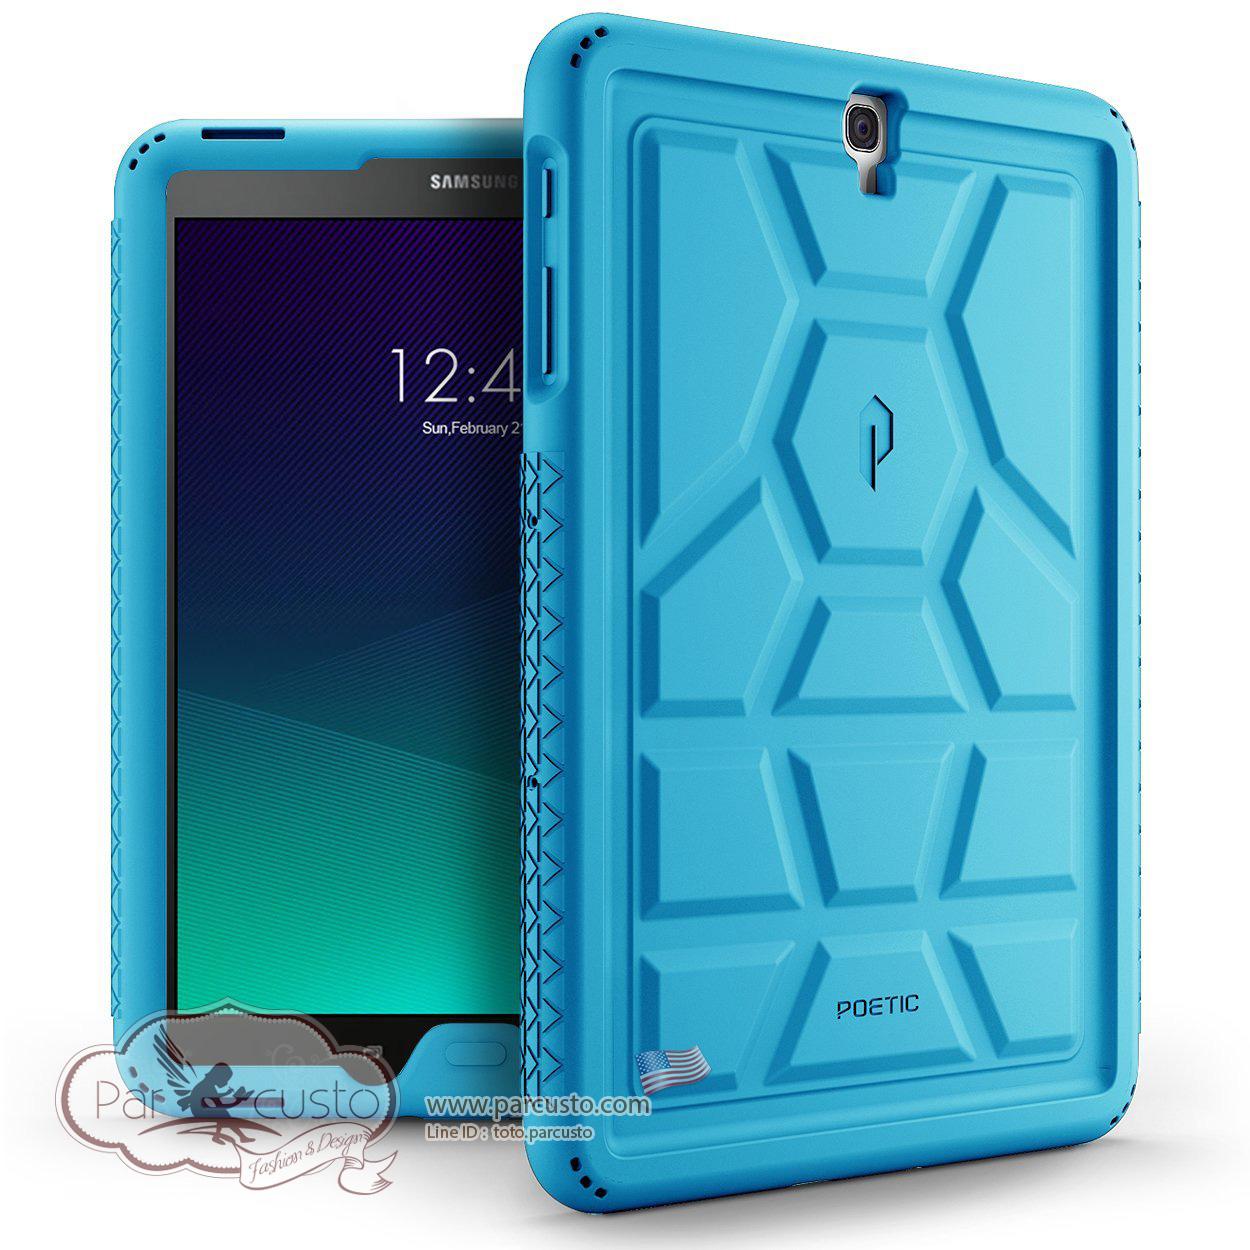 เคสซิลิโคนกันกระแทก Samsung Galaxy Tab S3 9.7 [TurtleSkin] จาก Poetic [Pre-order USA]